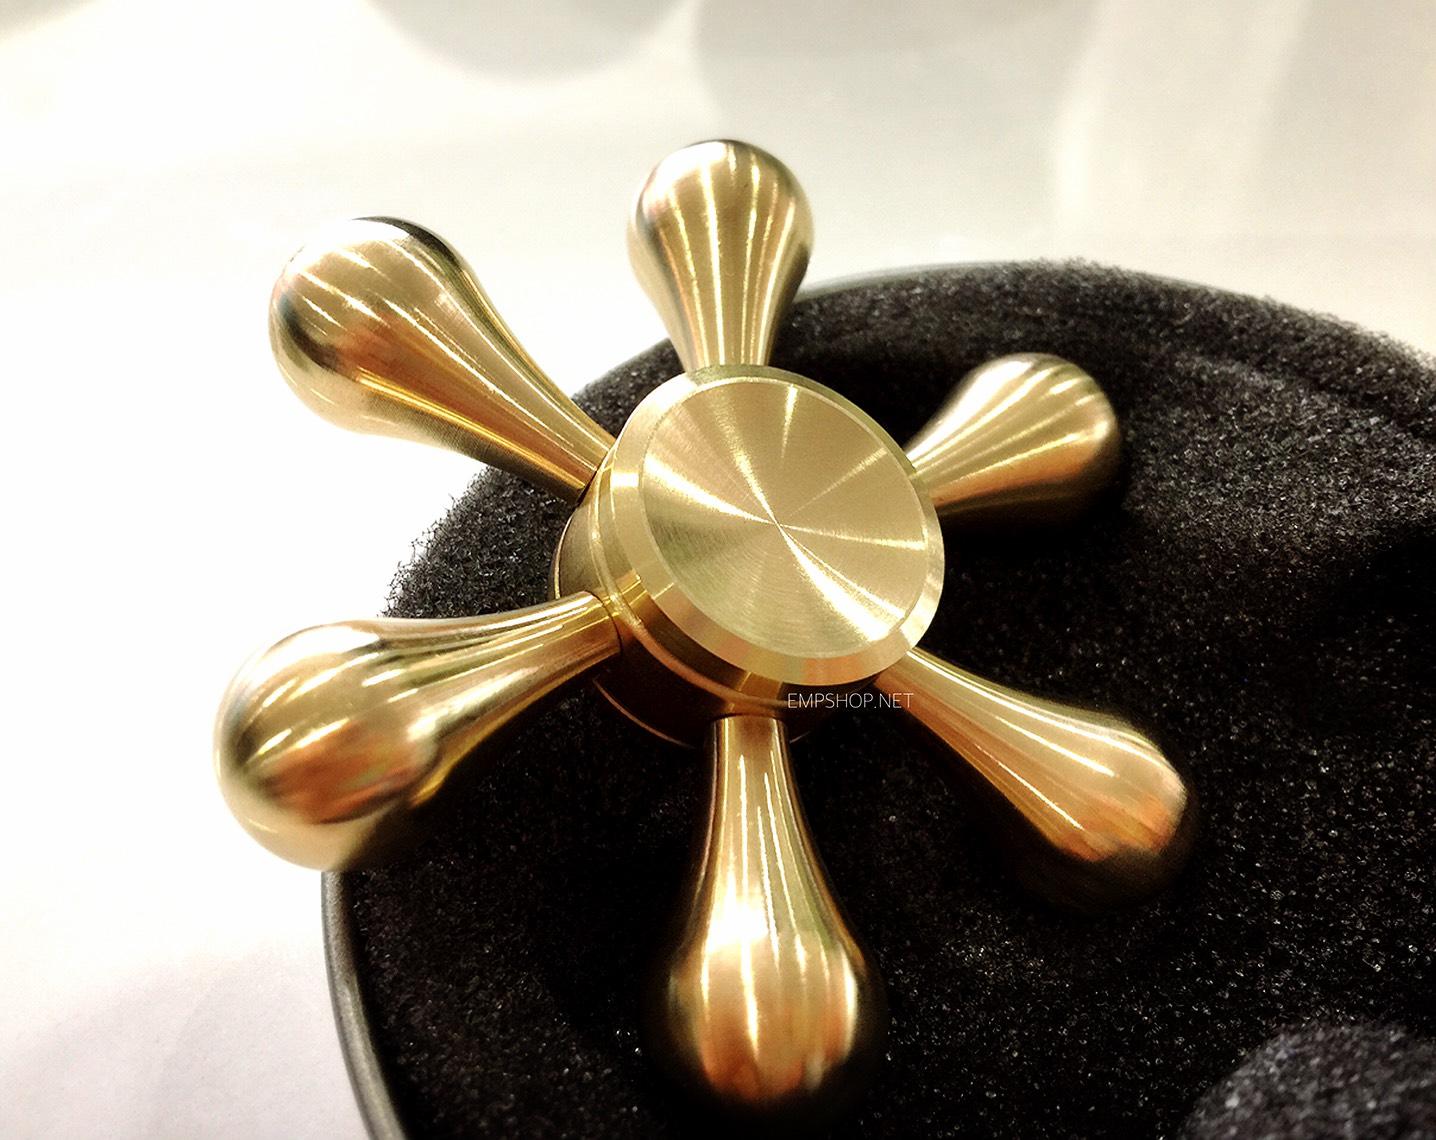 Golden Hexa Hand Spinner